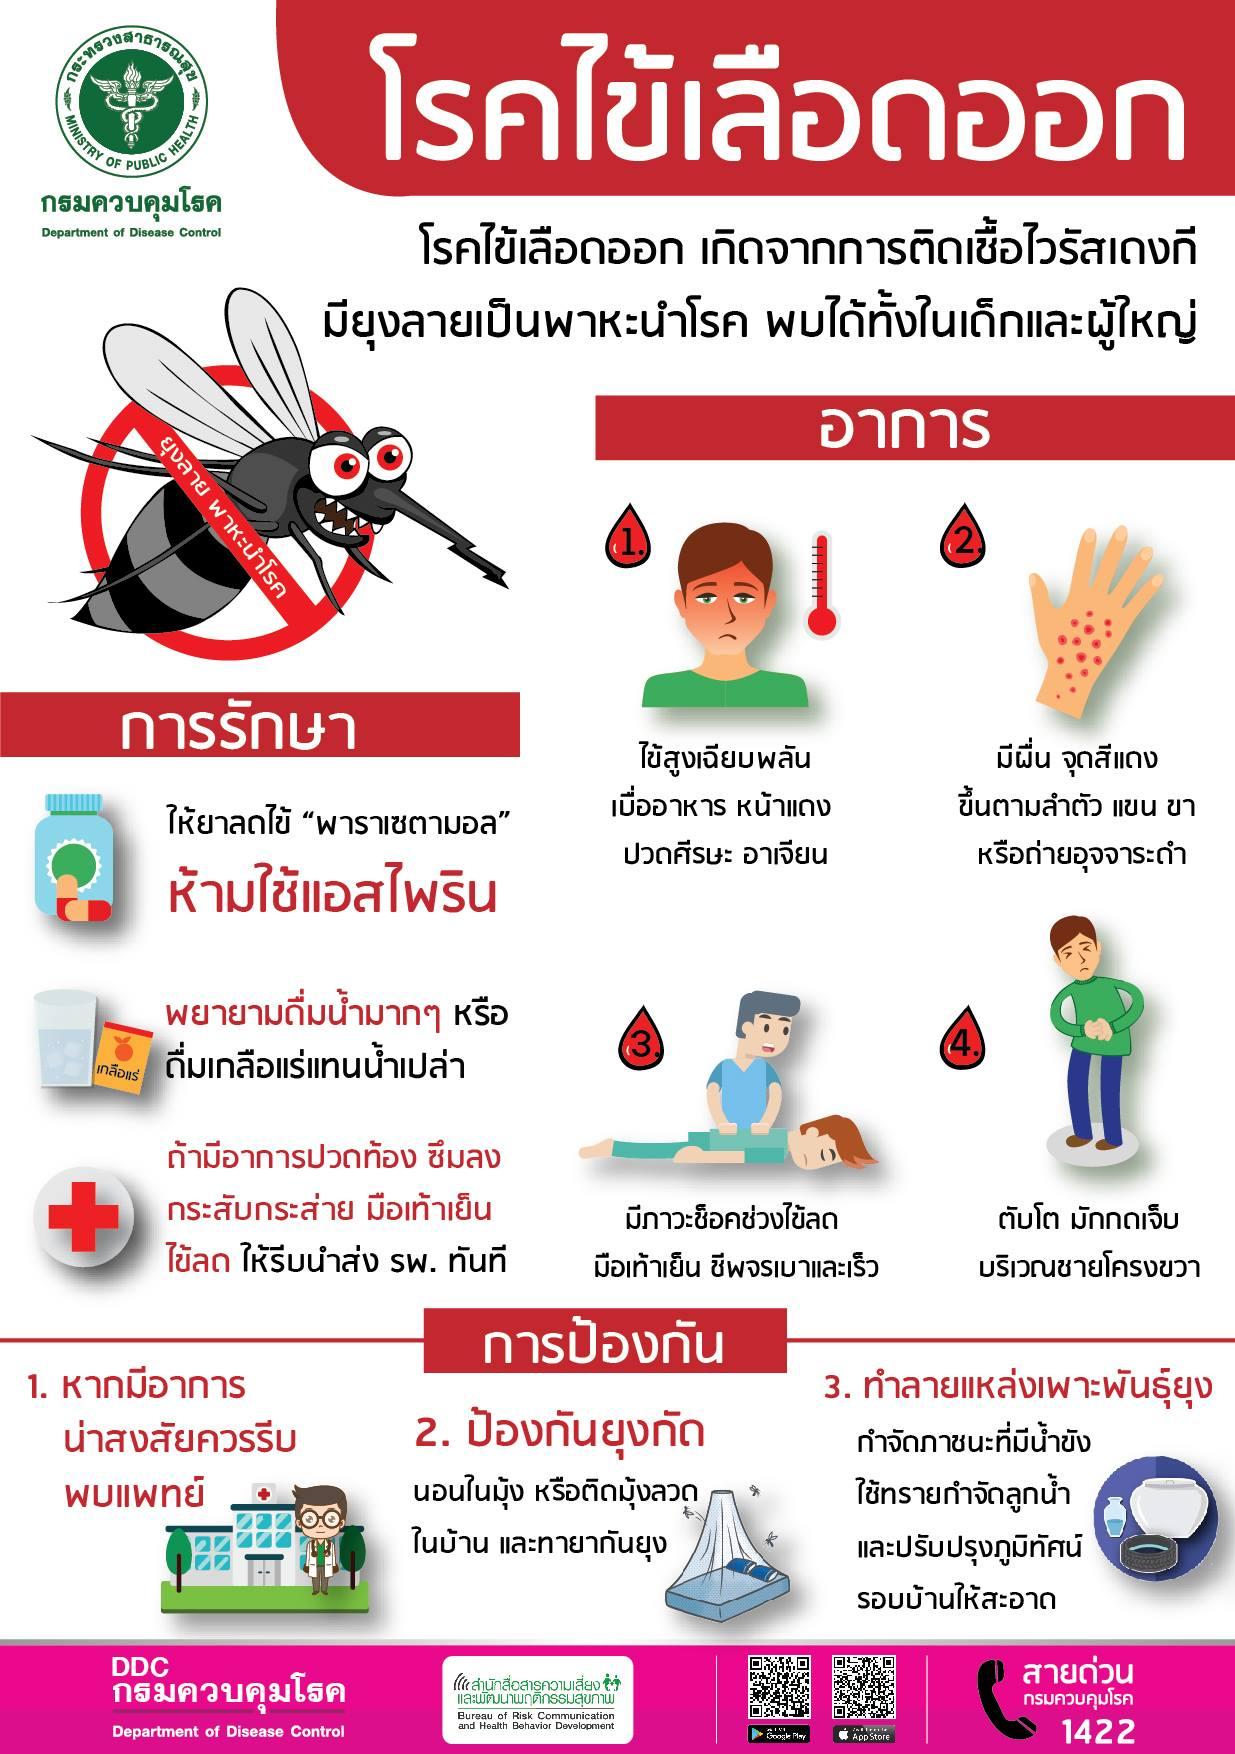 เปิดเทอม'63 ระวังโรคไข้เลือดออกเพิ่มสูงขึ้นทุกปี ในปี 2562 พบมีผู้ป่วยสูงถึง 128,401 ราย เสียชีวิต 133 ราย